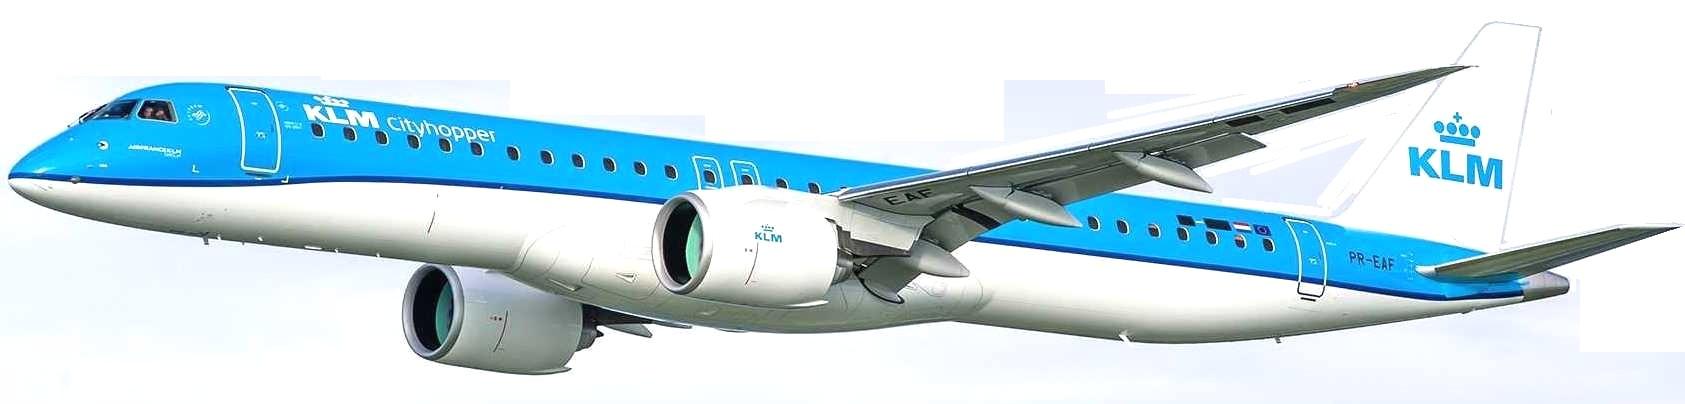 KLM_Embraer-E190-E2_0003